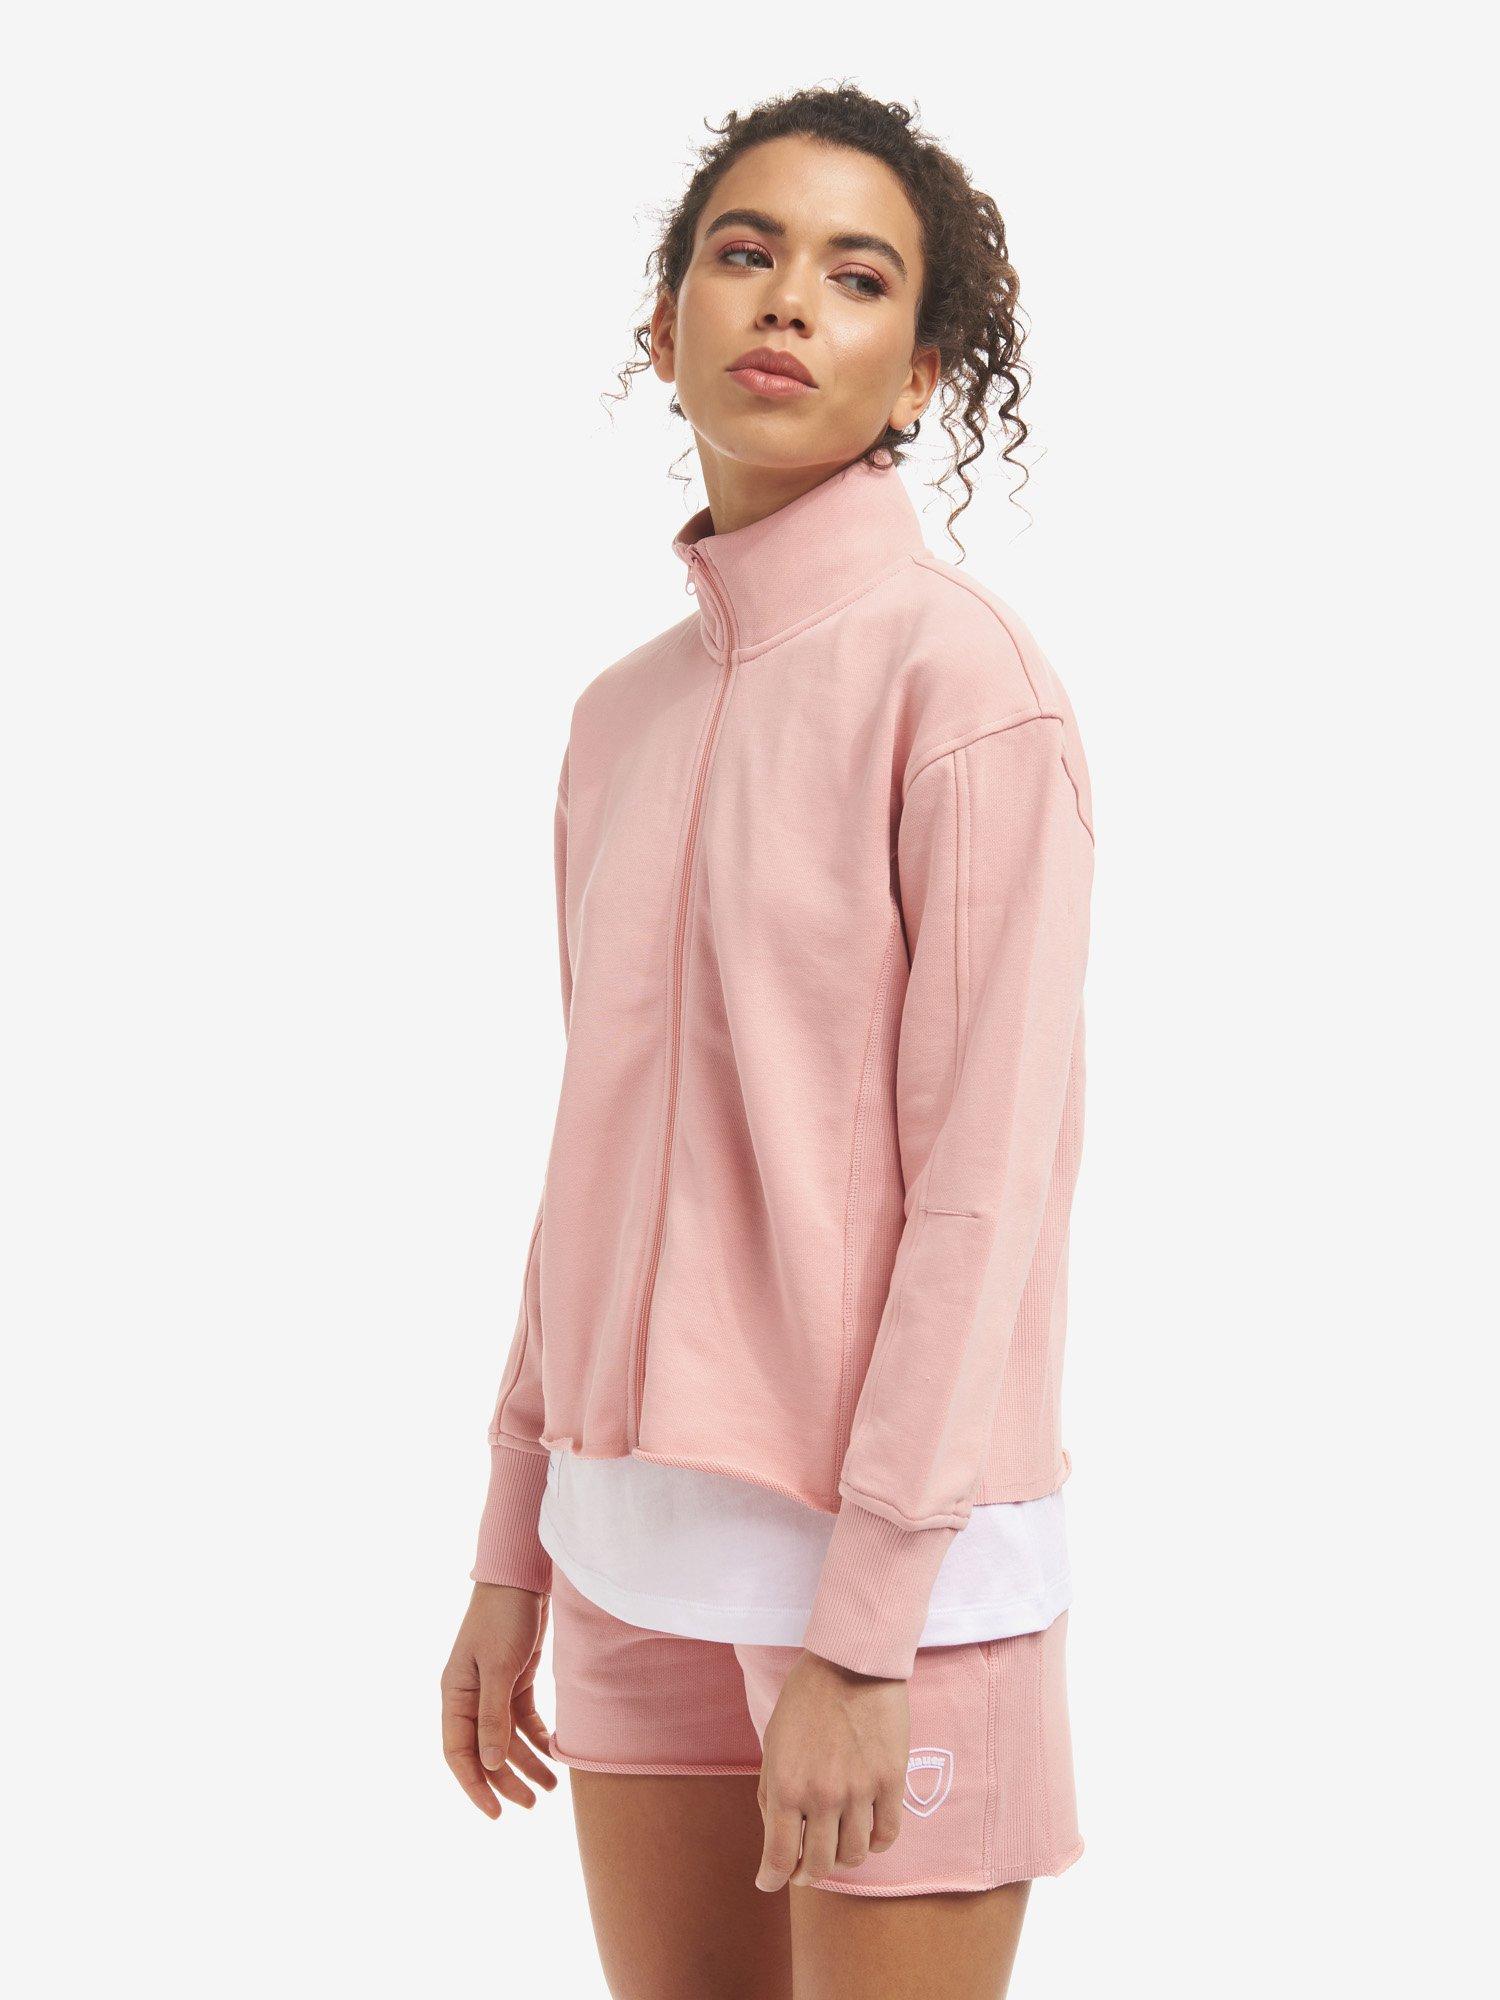 Blauer - SWEATSHIRT WITH ZIP - Soft Pink - Blauer